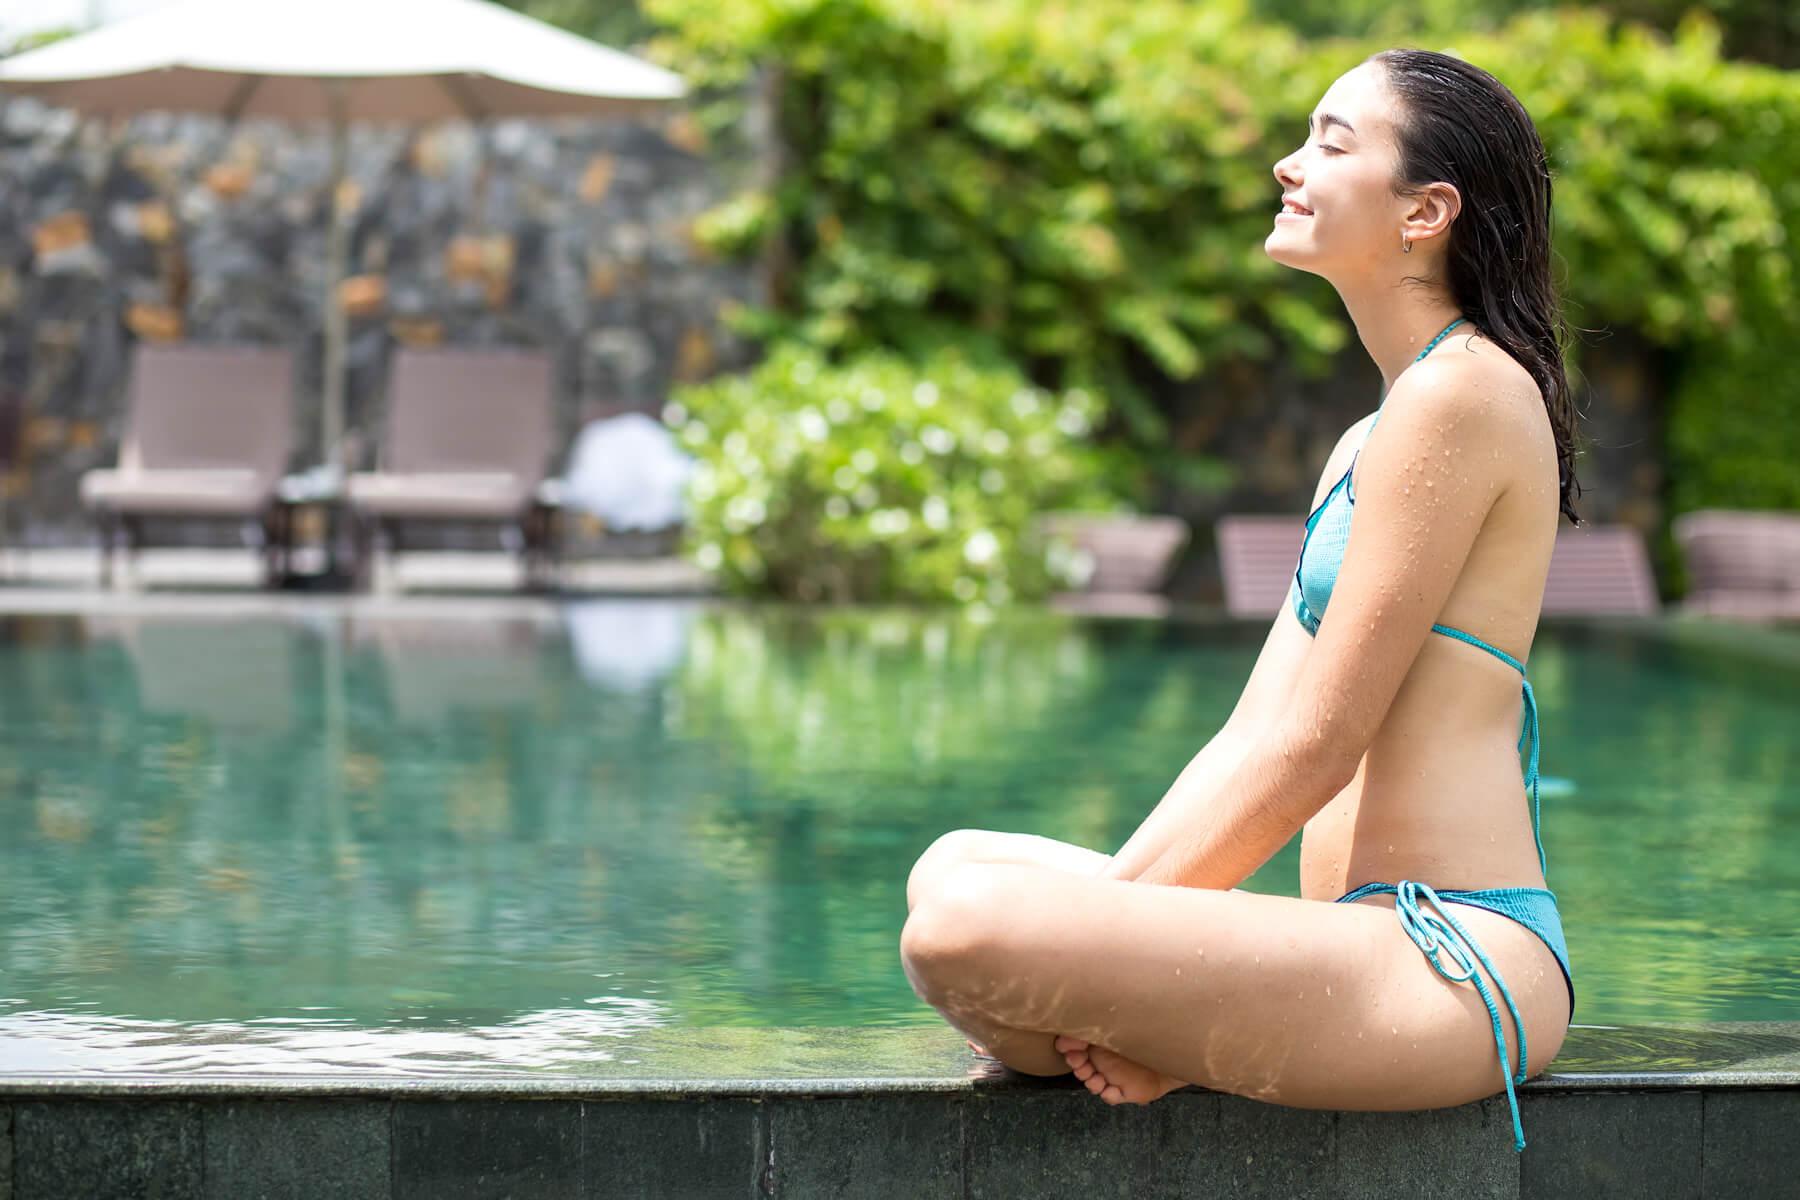 7 Tips for Hot Tub Meditation